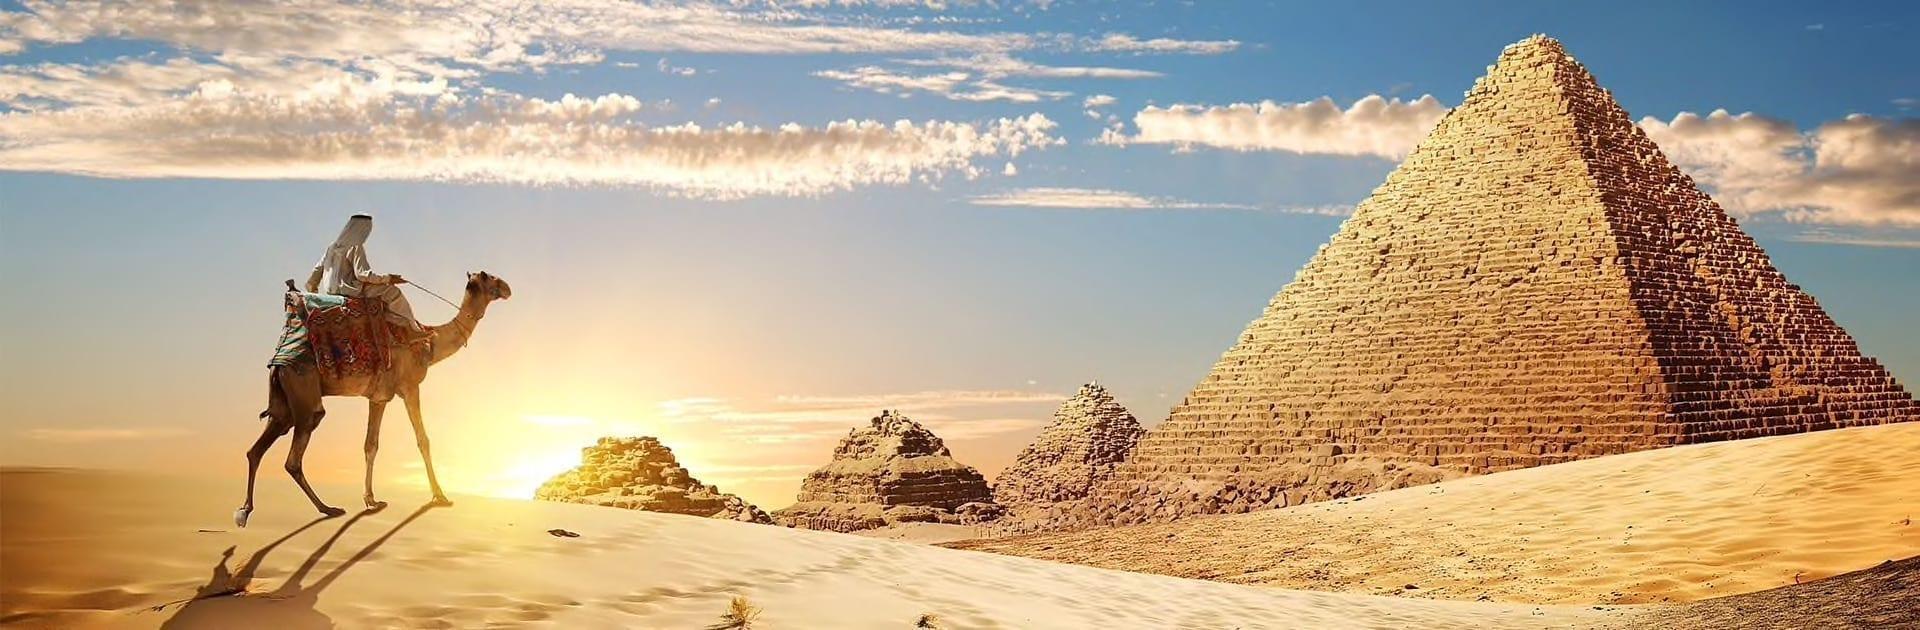 Egypt_Hero_1920x630